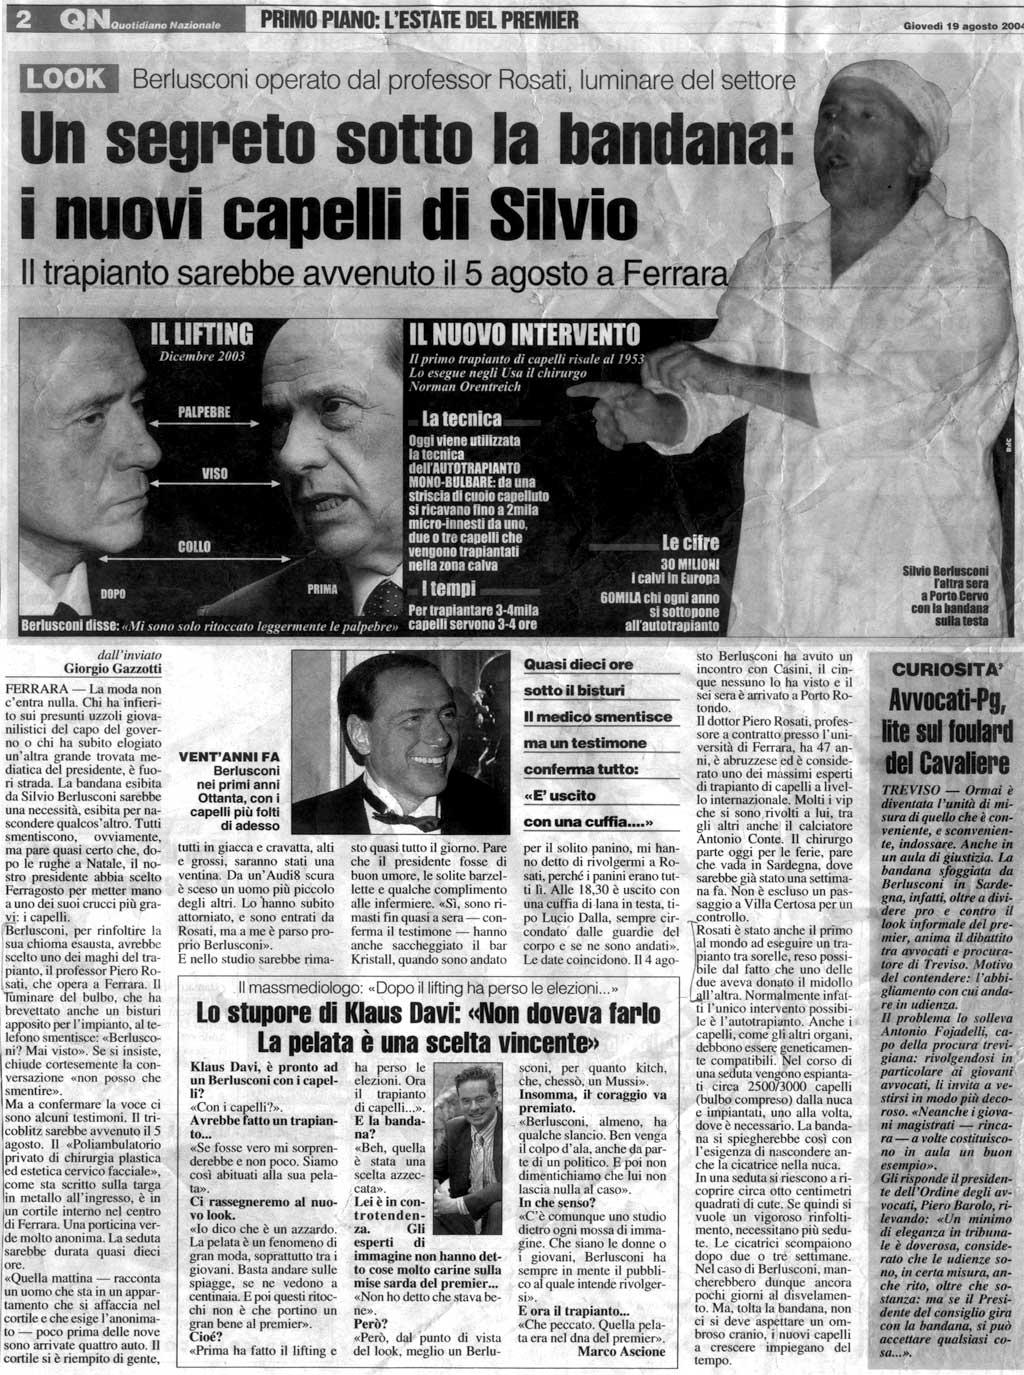 Berlusconi: un segreto sotto la bandana - I nuovi capelli di Silvio - Articolo 2